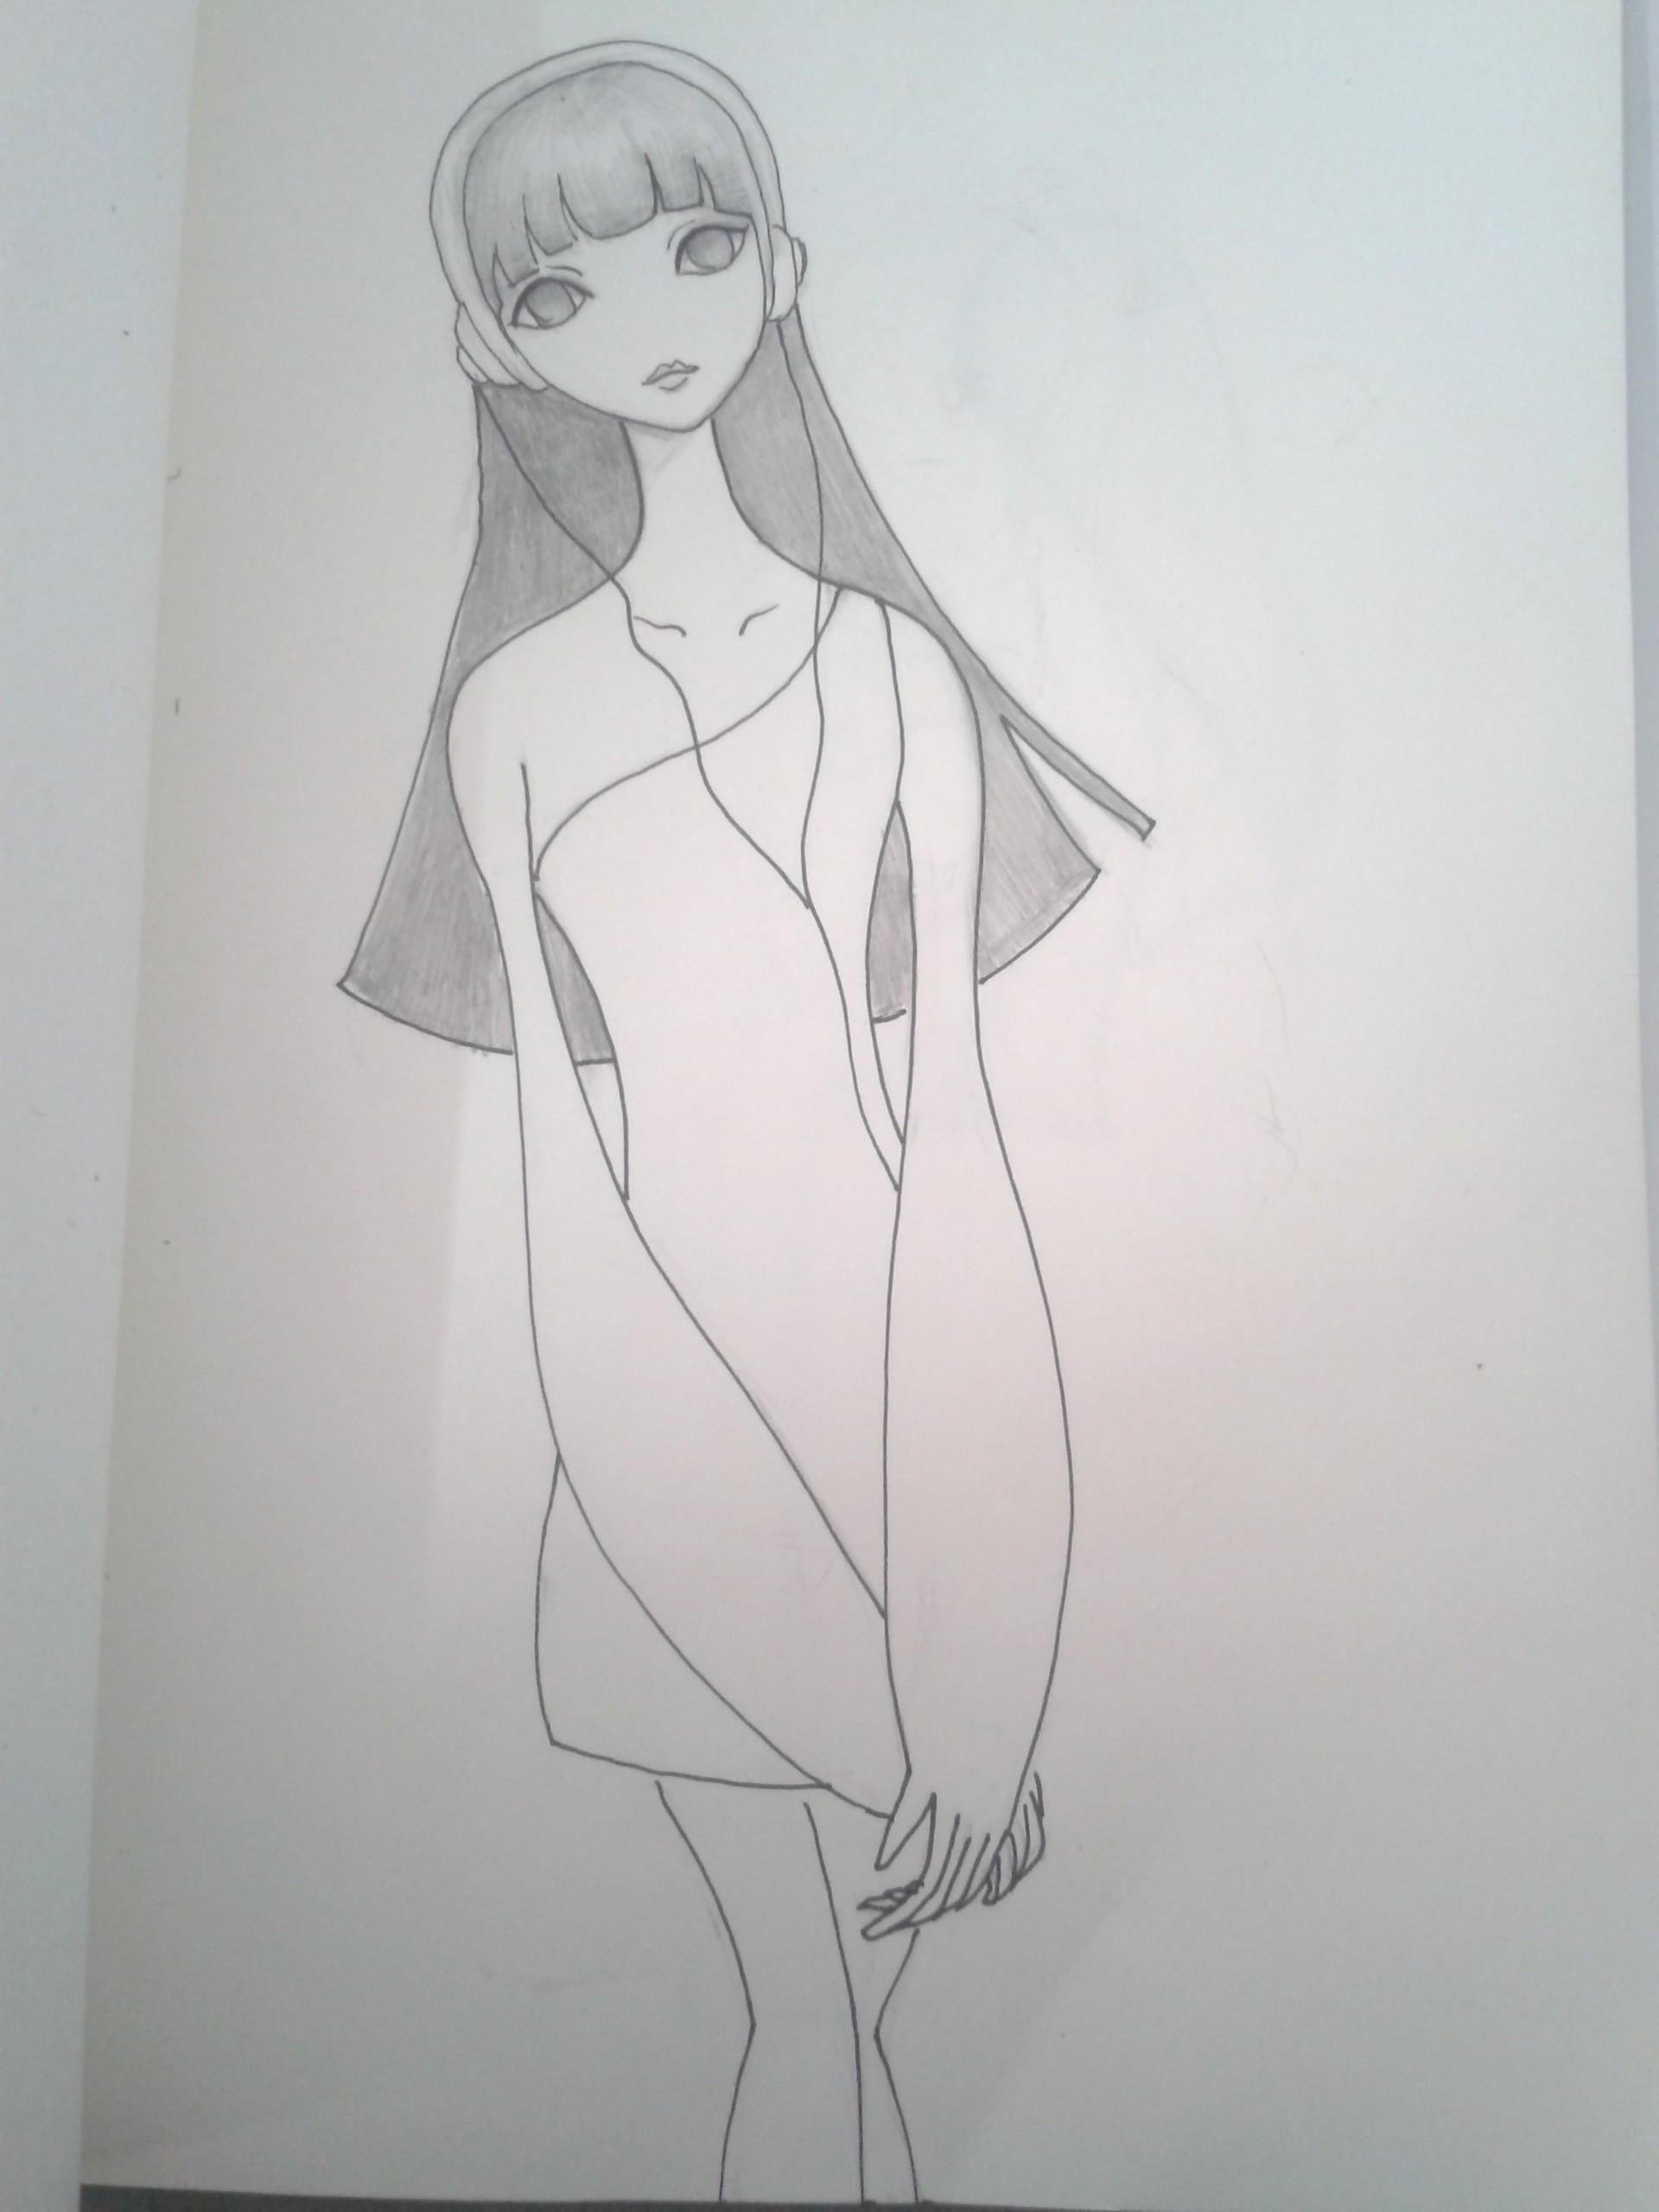 铅笔手绘q版卡通形象